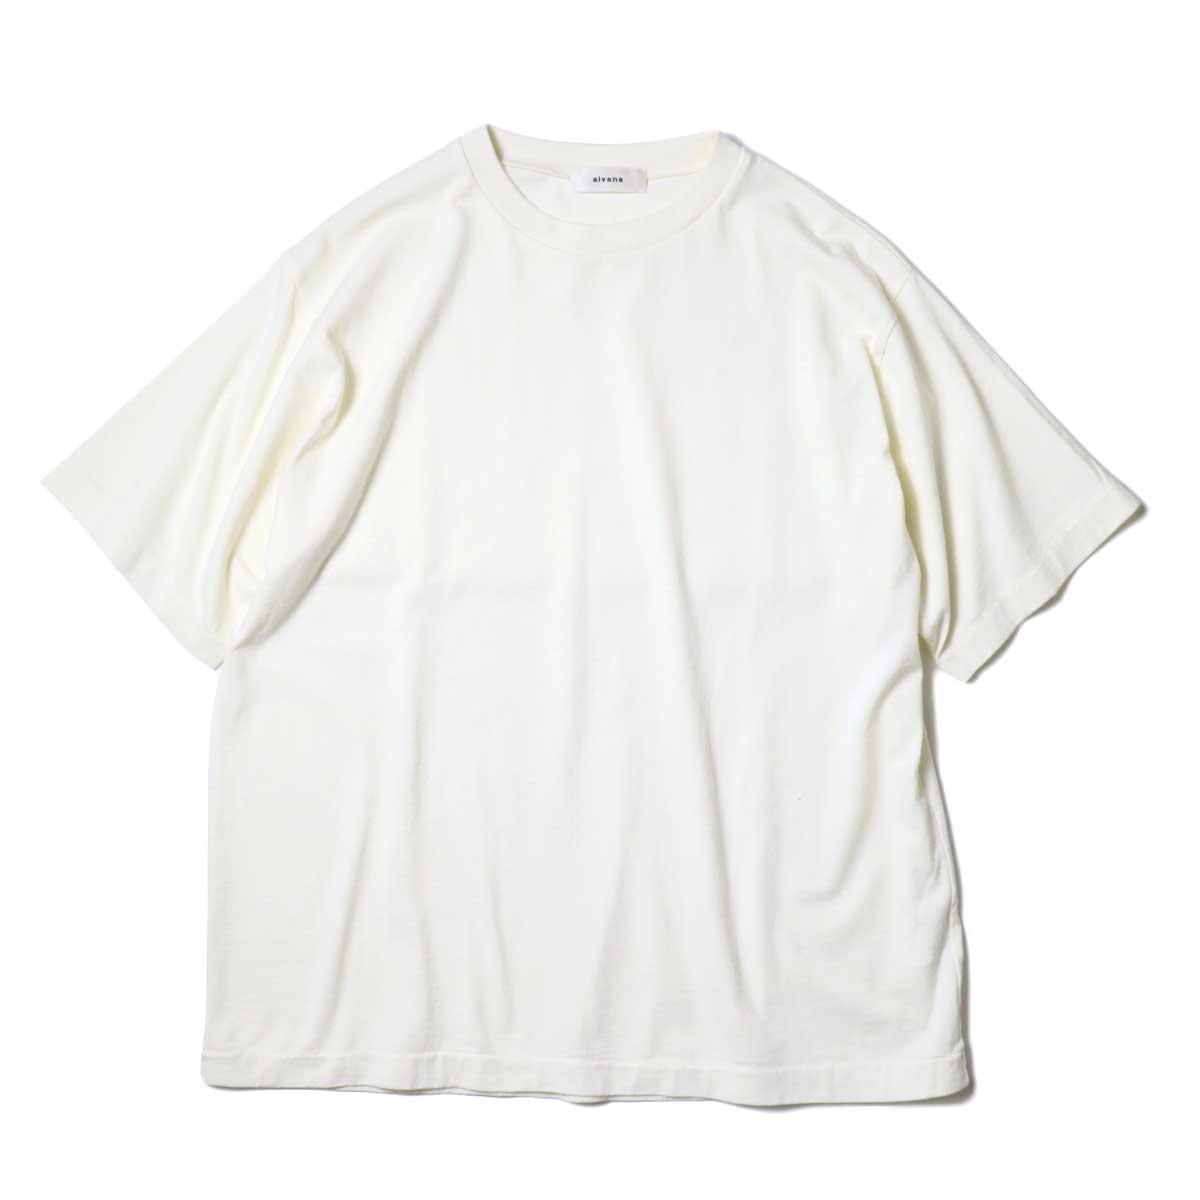 alvana / Dairy Oversize Tee Shirts (Ivory)